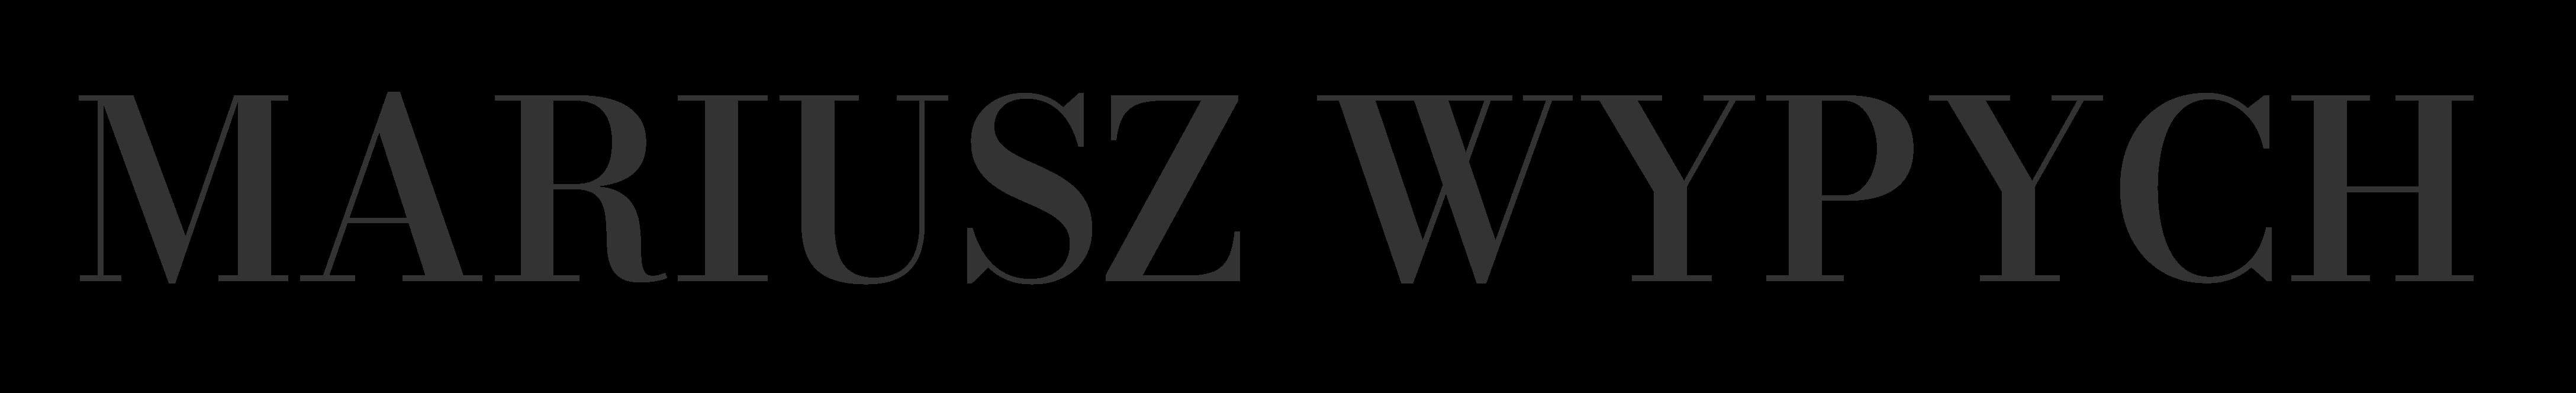 Mariusz Wypych Fotografia – Fotograf Ślubny Szczecin